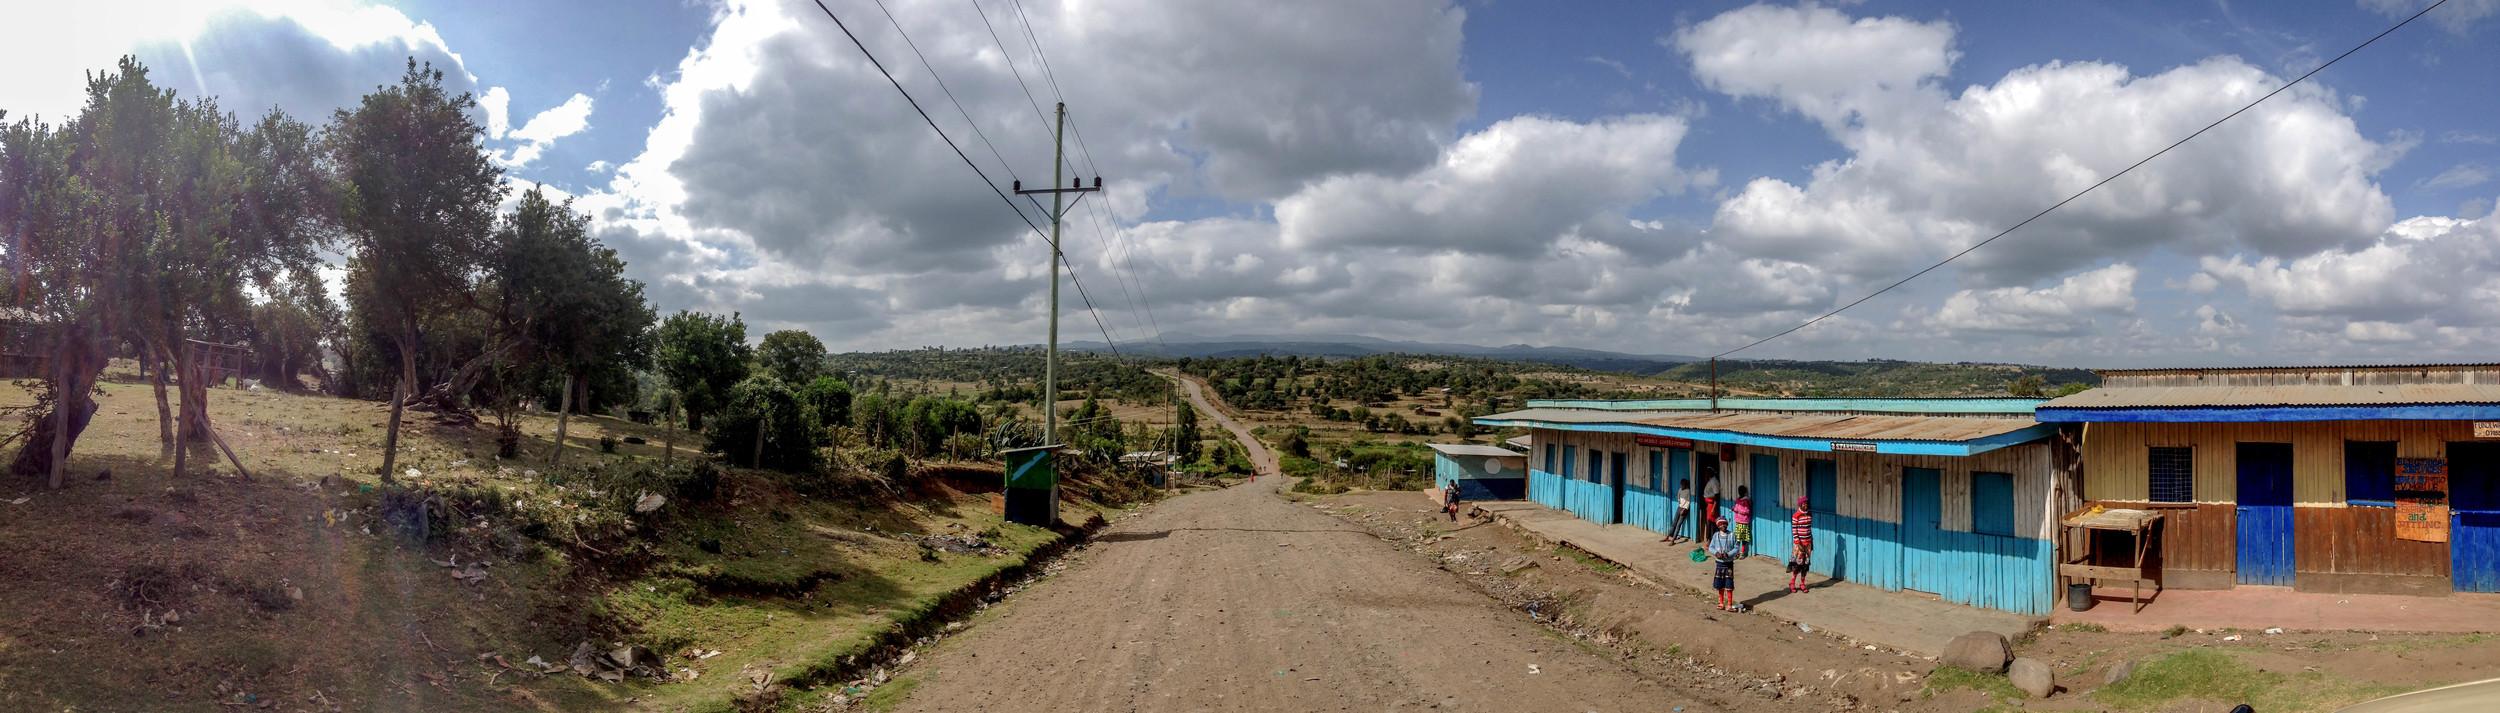 ROAD TO MUGUNDA